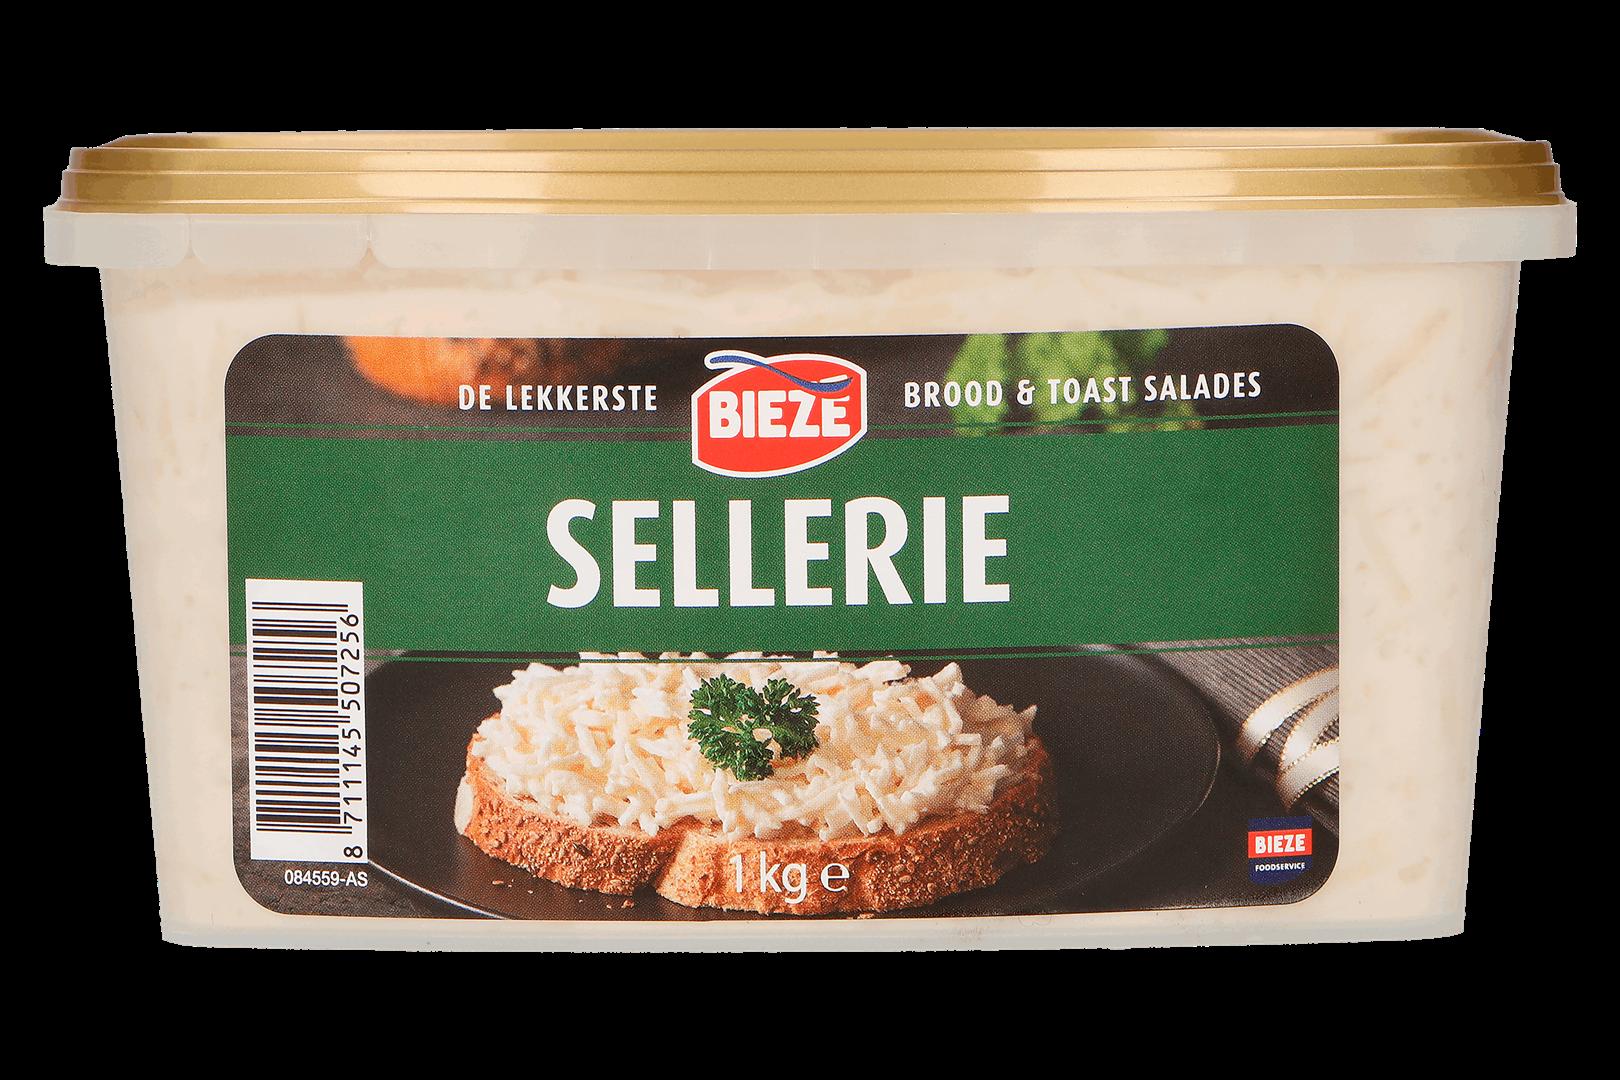 Productafbeelding Bieze selleriesalade 1kg